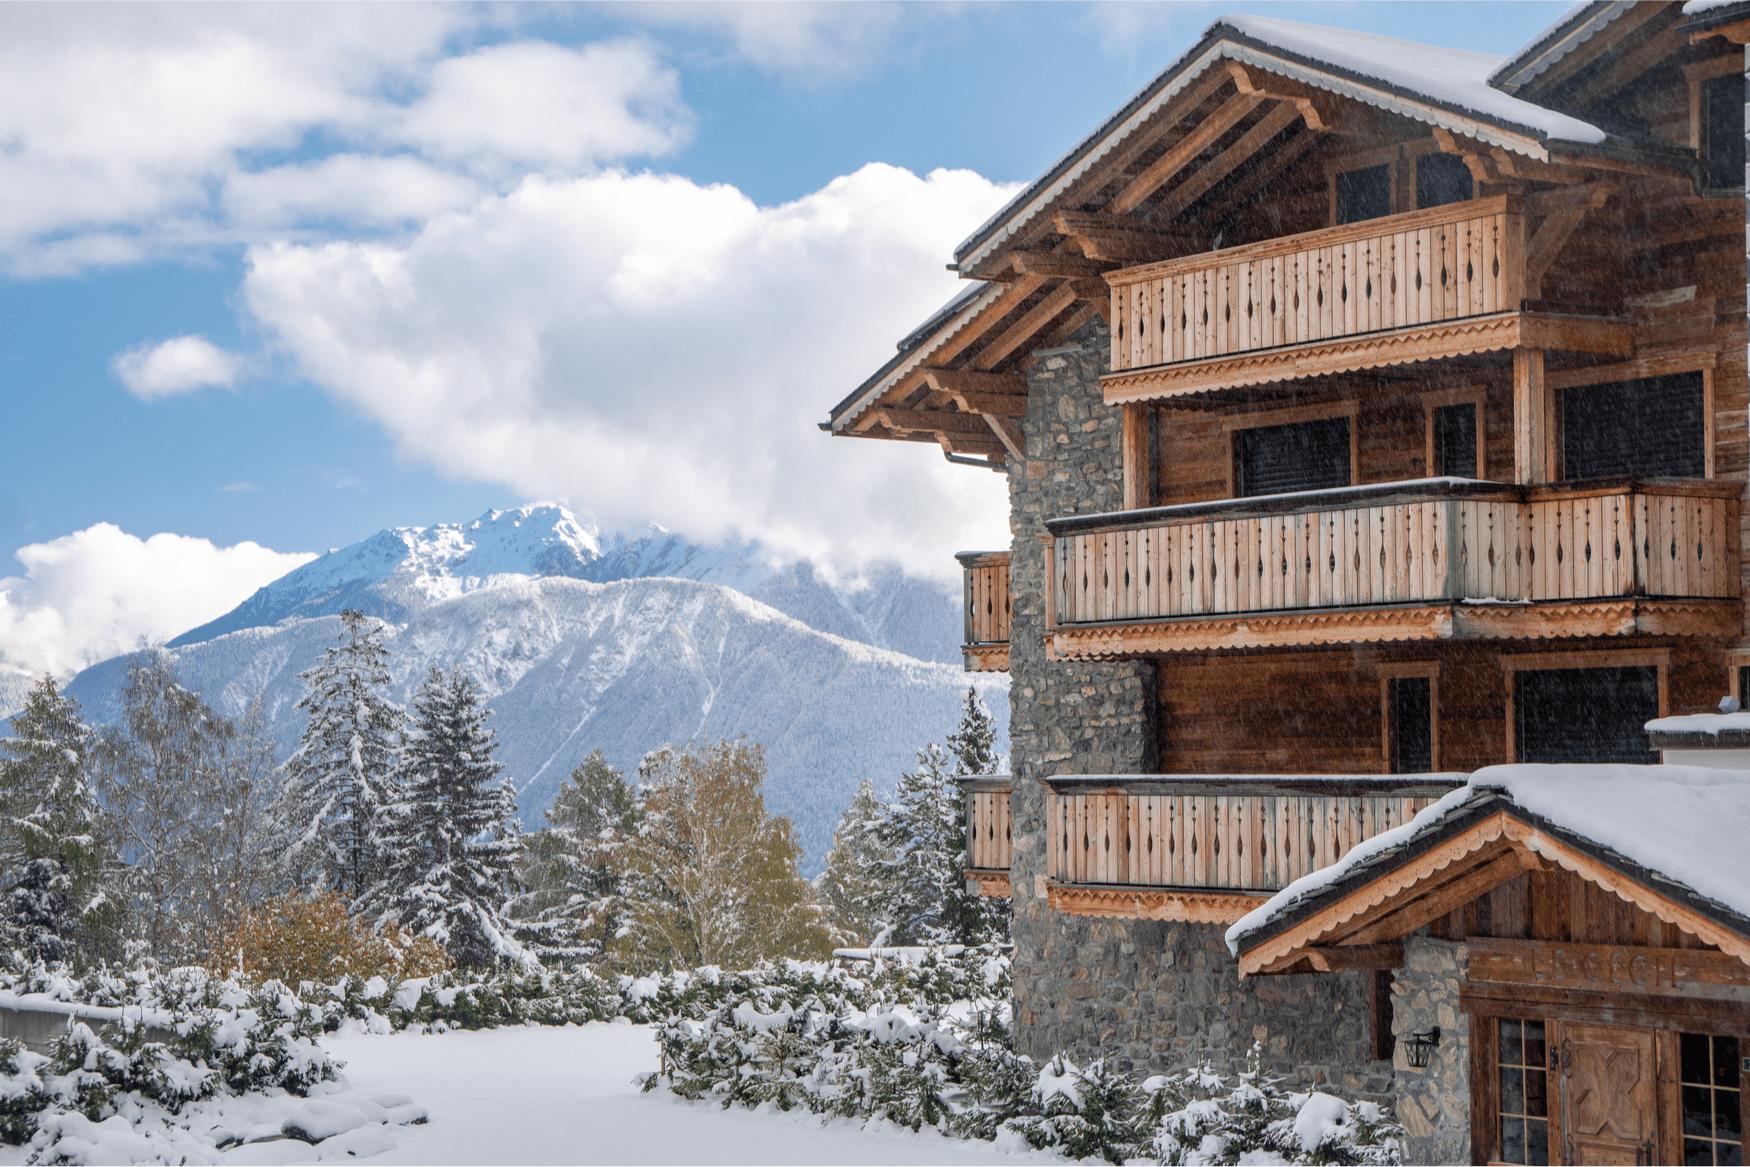 Aussicht auf die Schweizer Alpen in Crans-Montana, Schweiz.